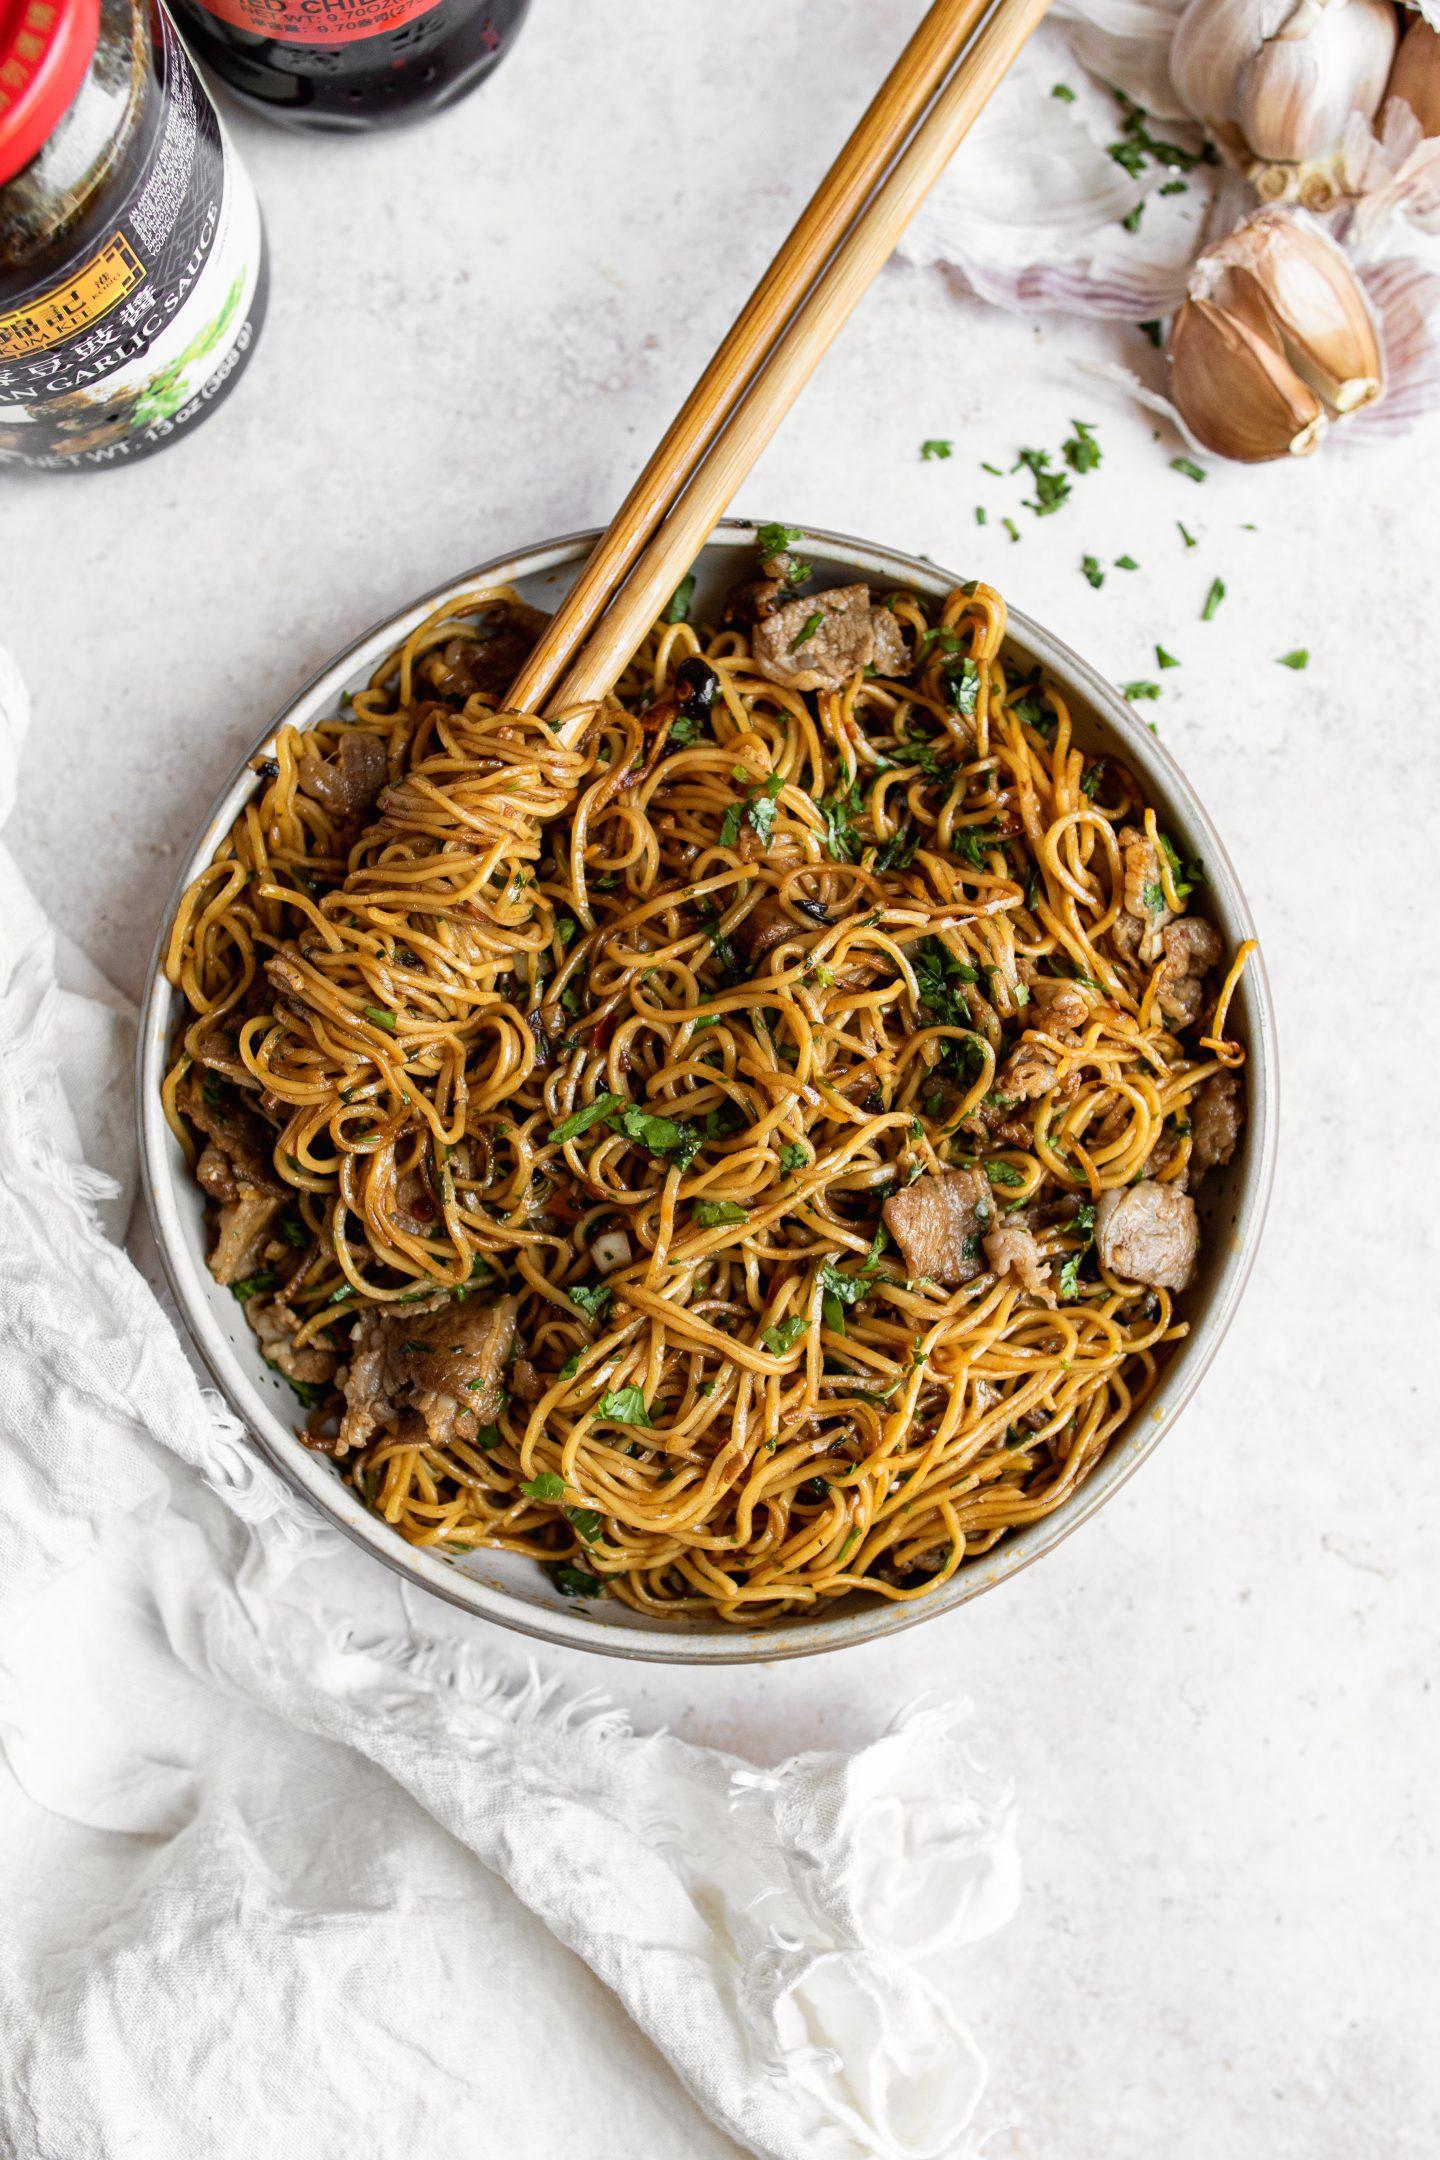 bowl of chili garlic noodles